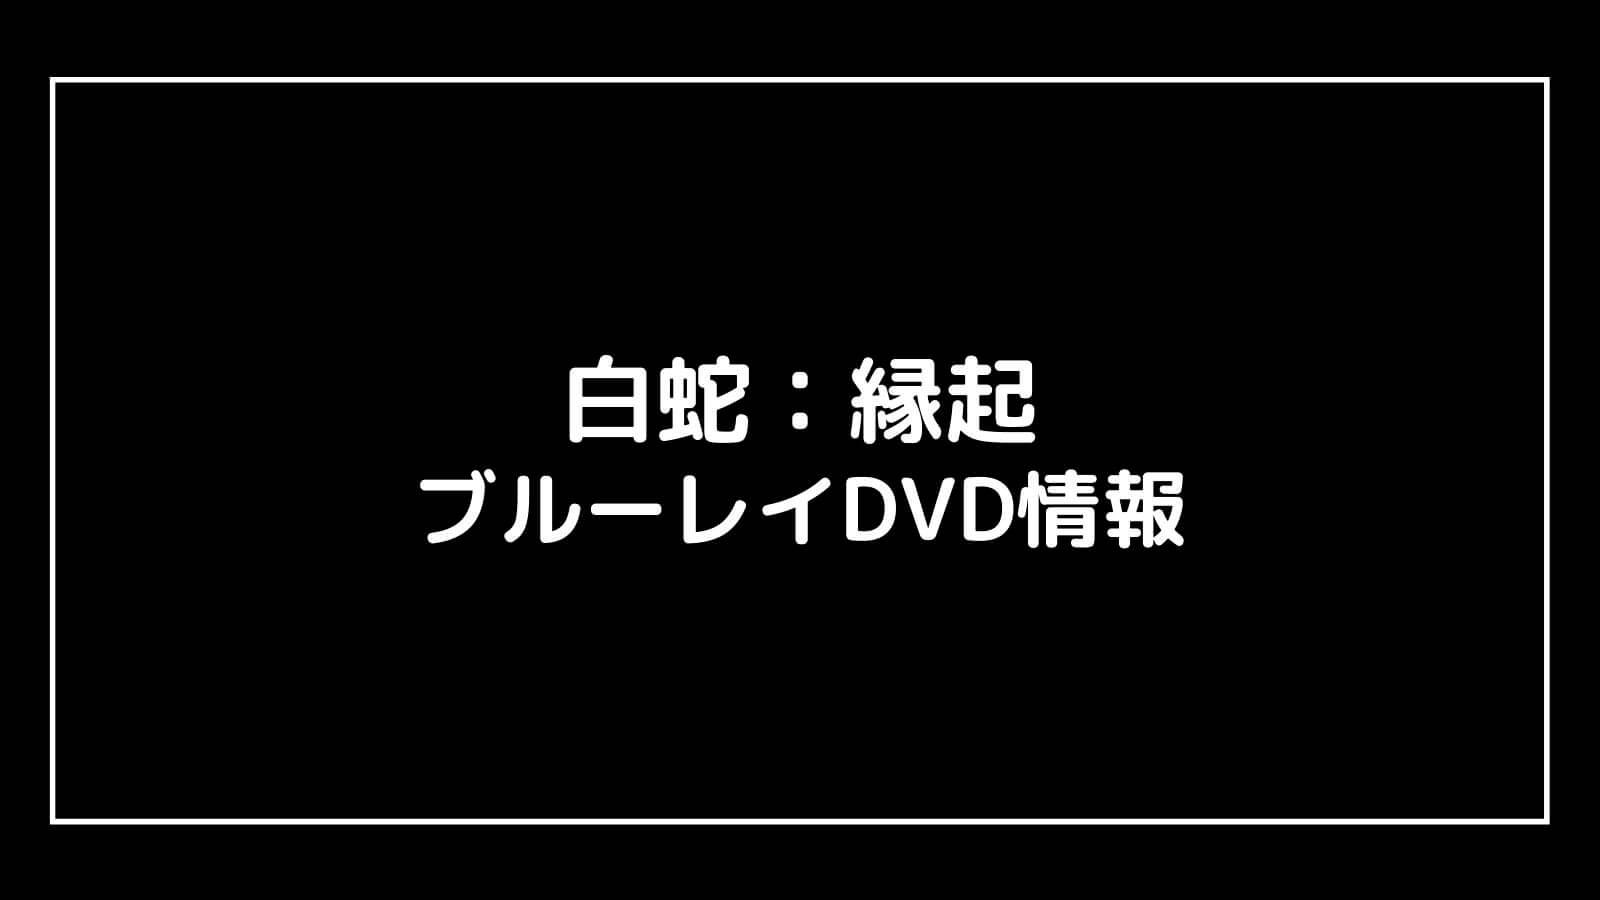 映画『白蛇:縁起』のDVD発売日と予約開始日はいつから?円盤情報まとめ